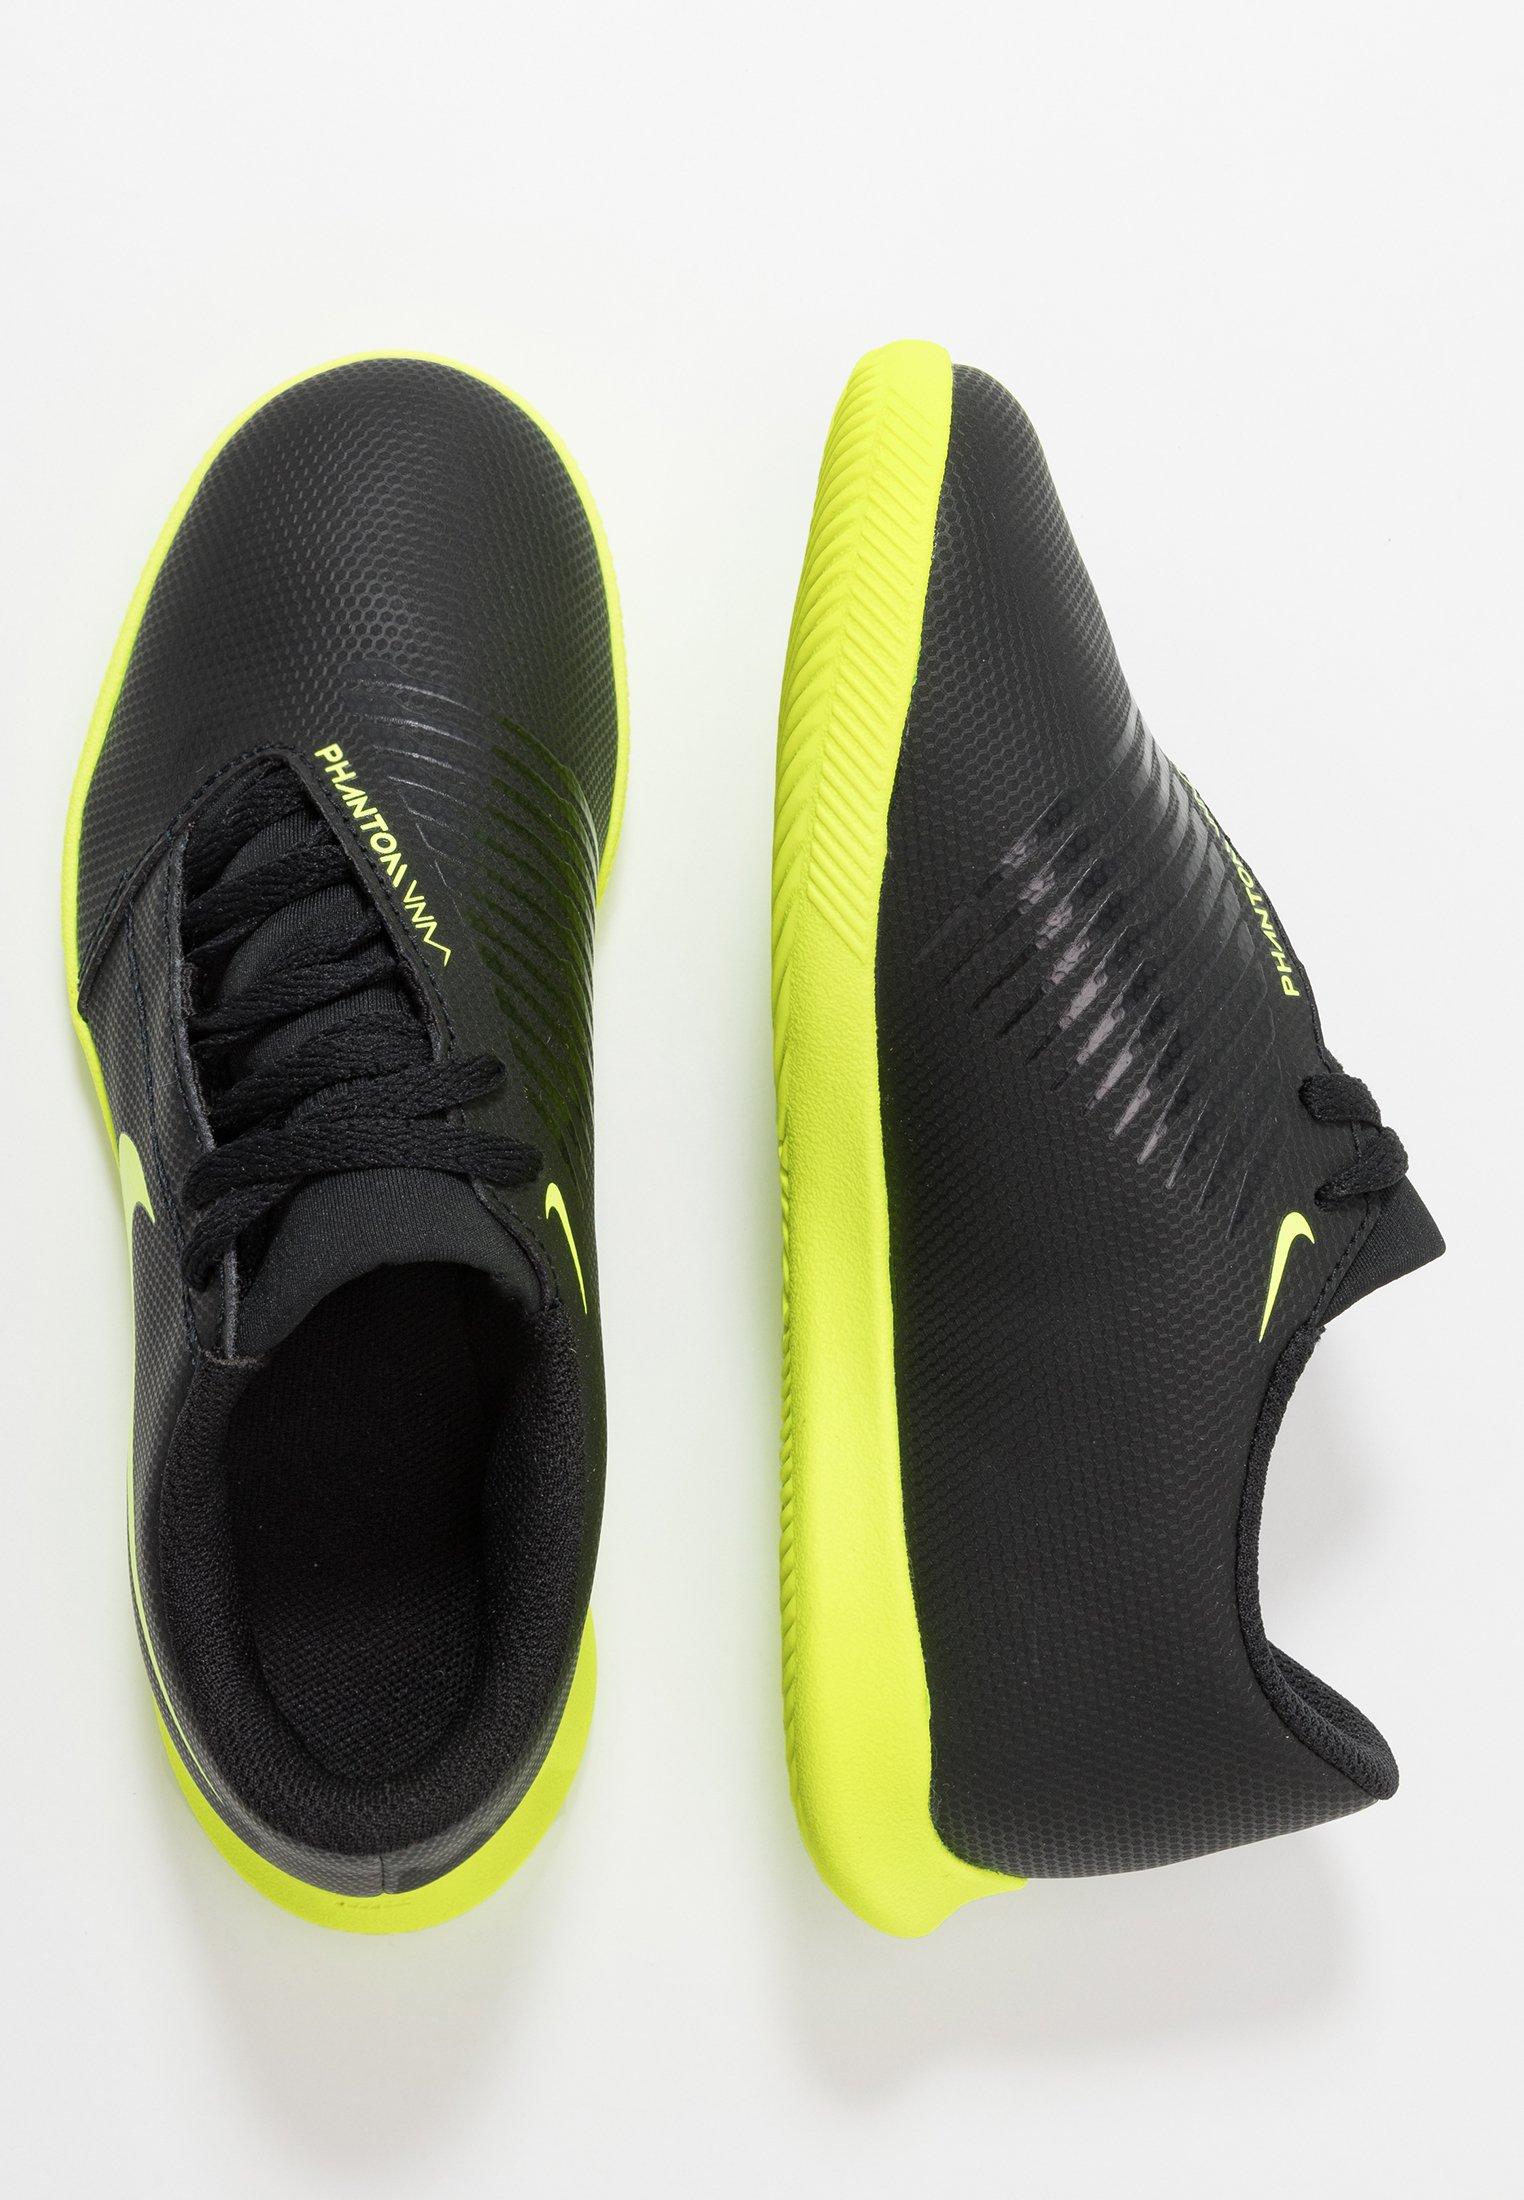 Chaussures de foot en salle enfant en promo | La sélection